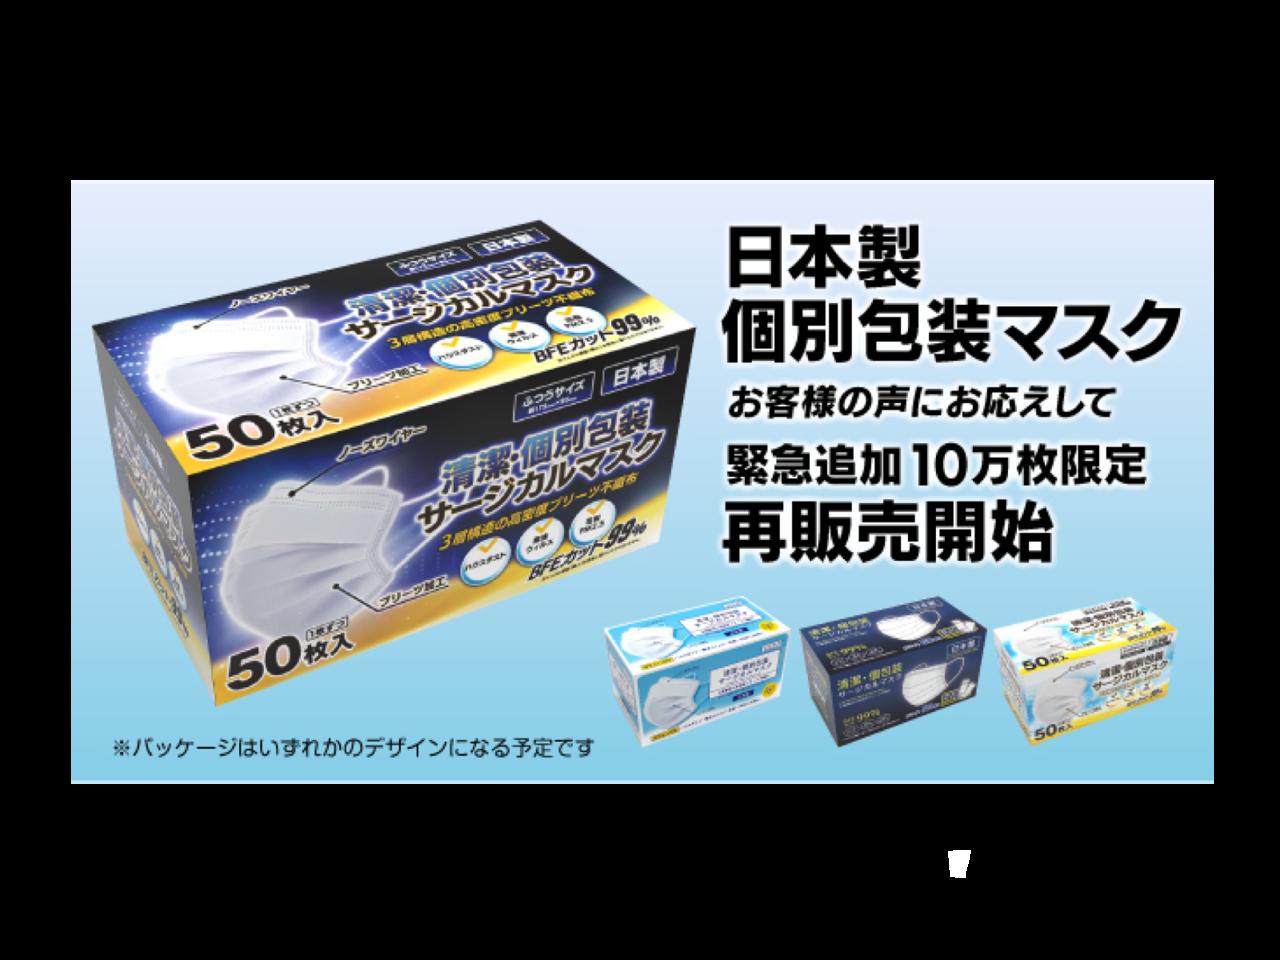 特別価格1枚『65円』。安心安全の『日本製』で衛生的な『個別包装』不織布マスク10万枚入荷です。